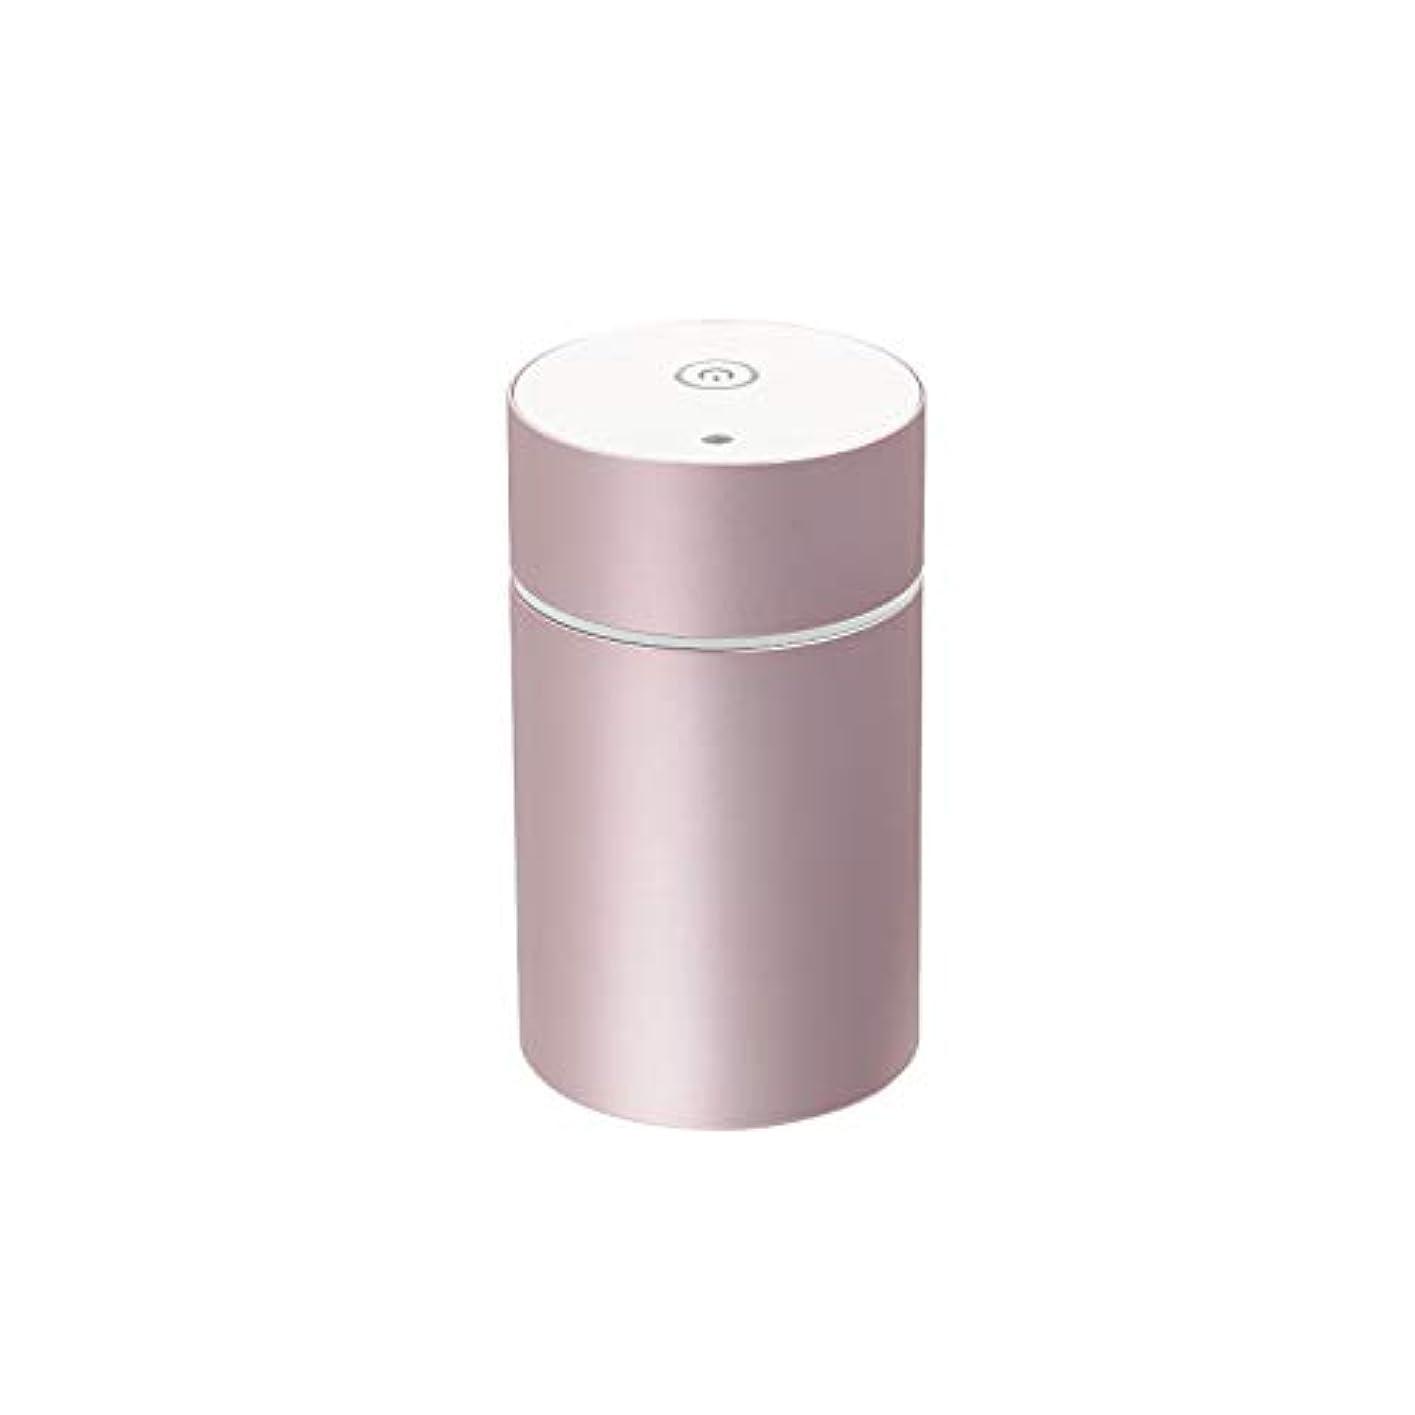 バーターレモンわずかな生活の木 アロマディフューザー(ピンク)aromore mini(アロモアミニ) 08-801-7020